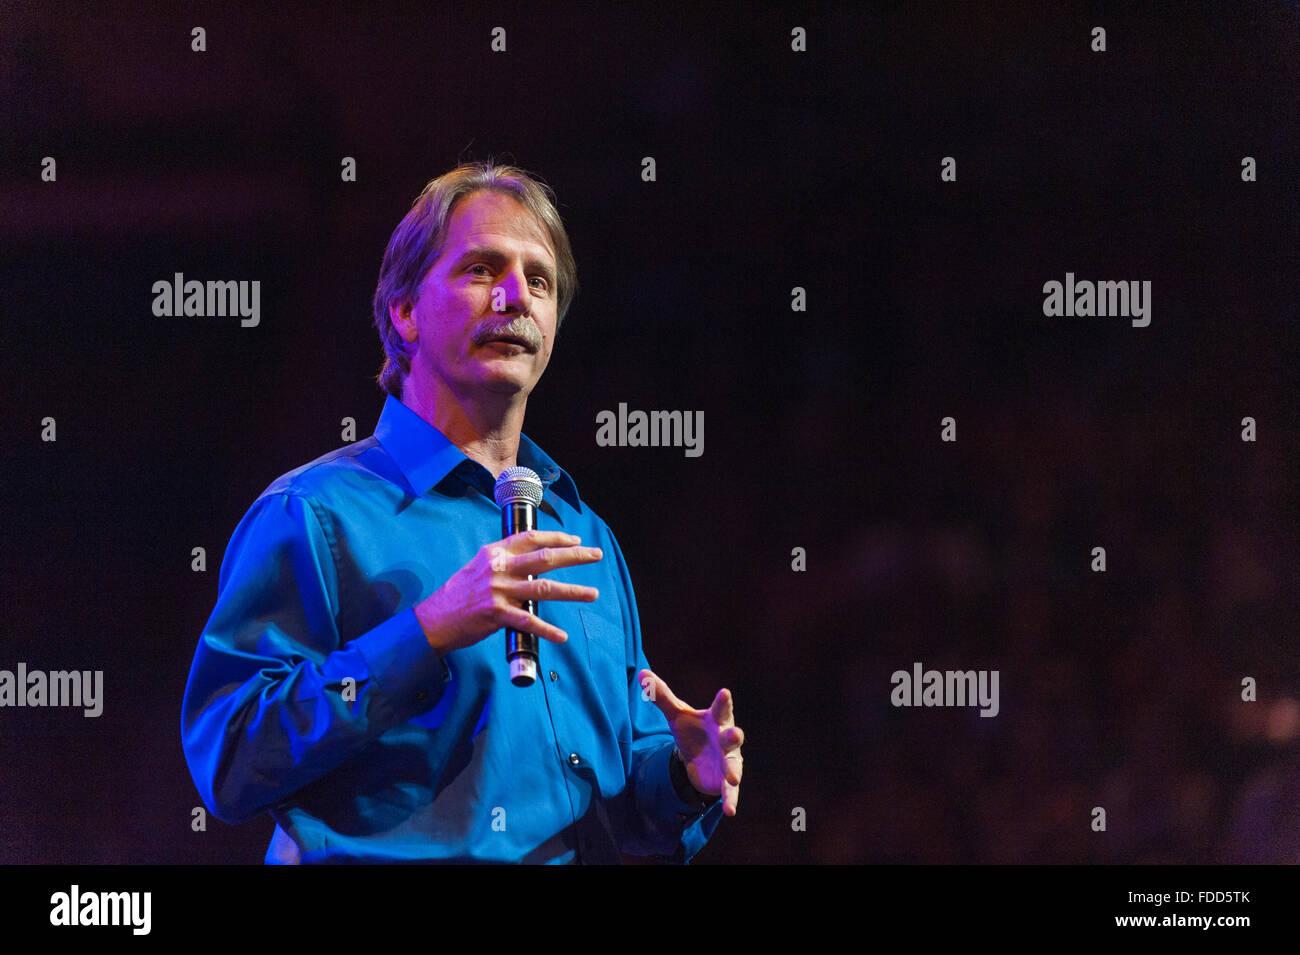 La televisione americana personalità e collare blu comico Jeff Foxworthy sul palco. Immagini Stock